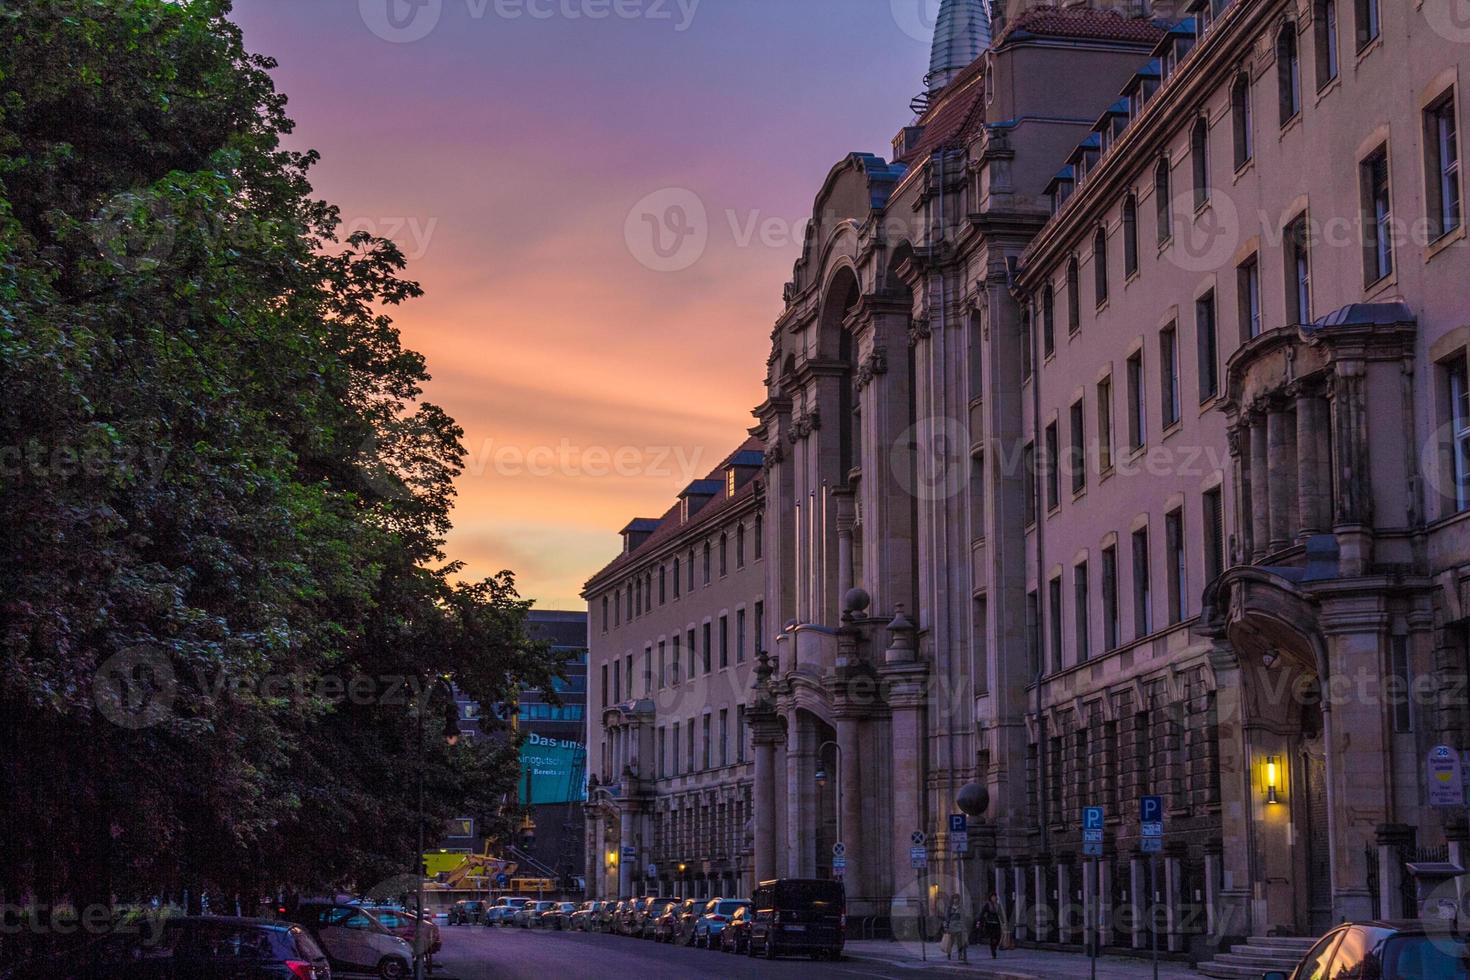 Sonnenuntergang in Berlin, Mitte foto